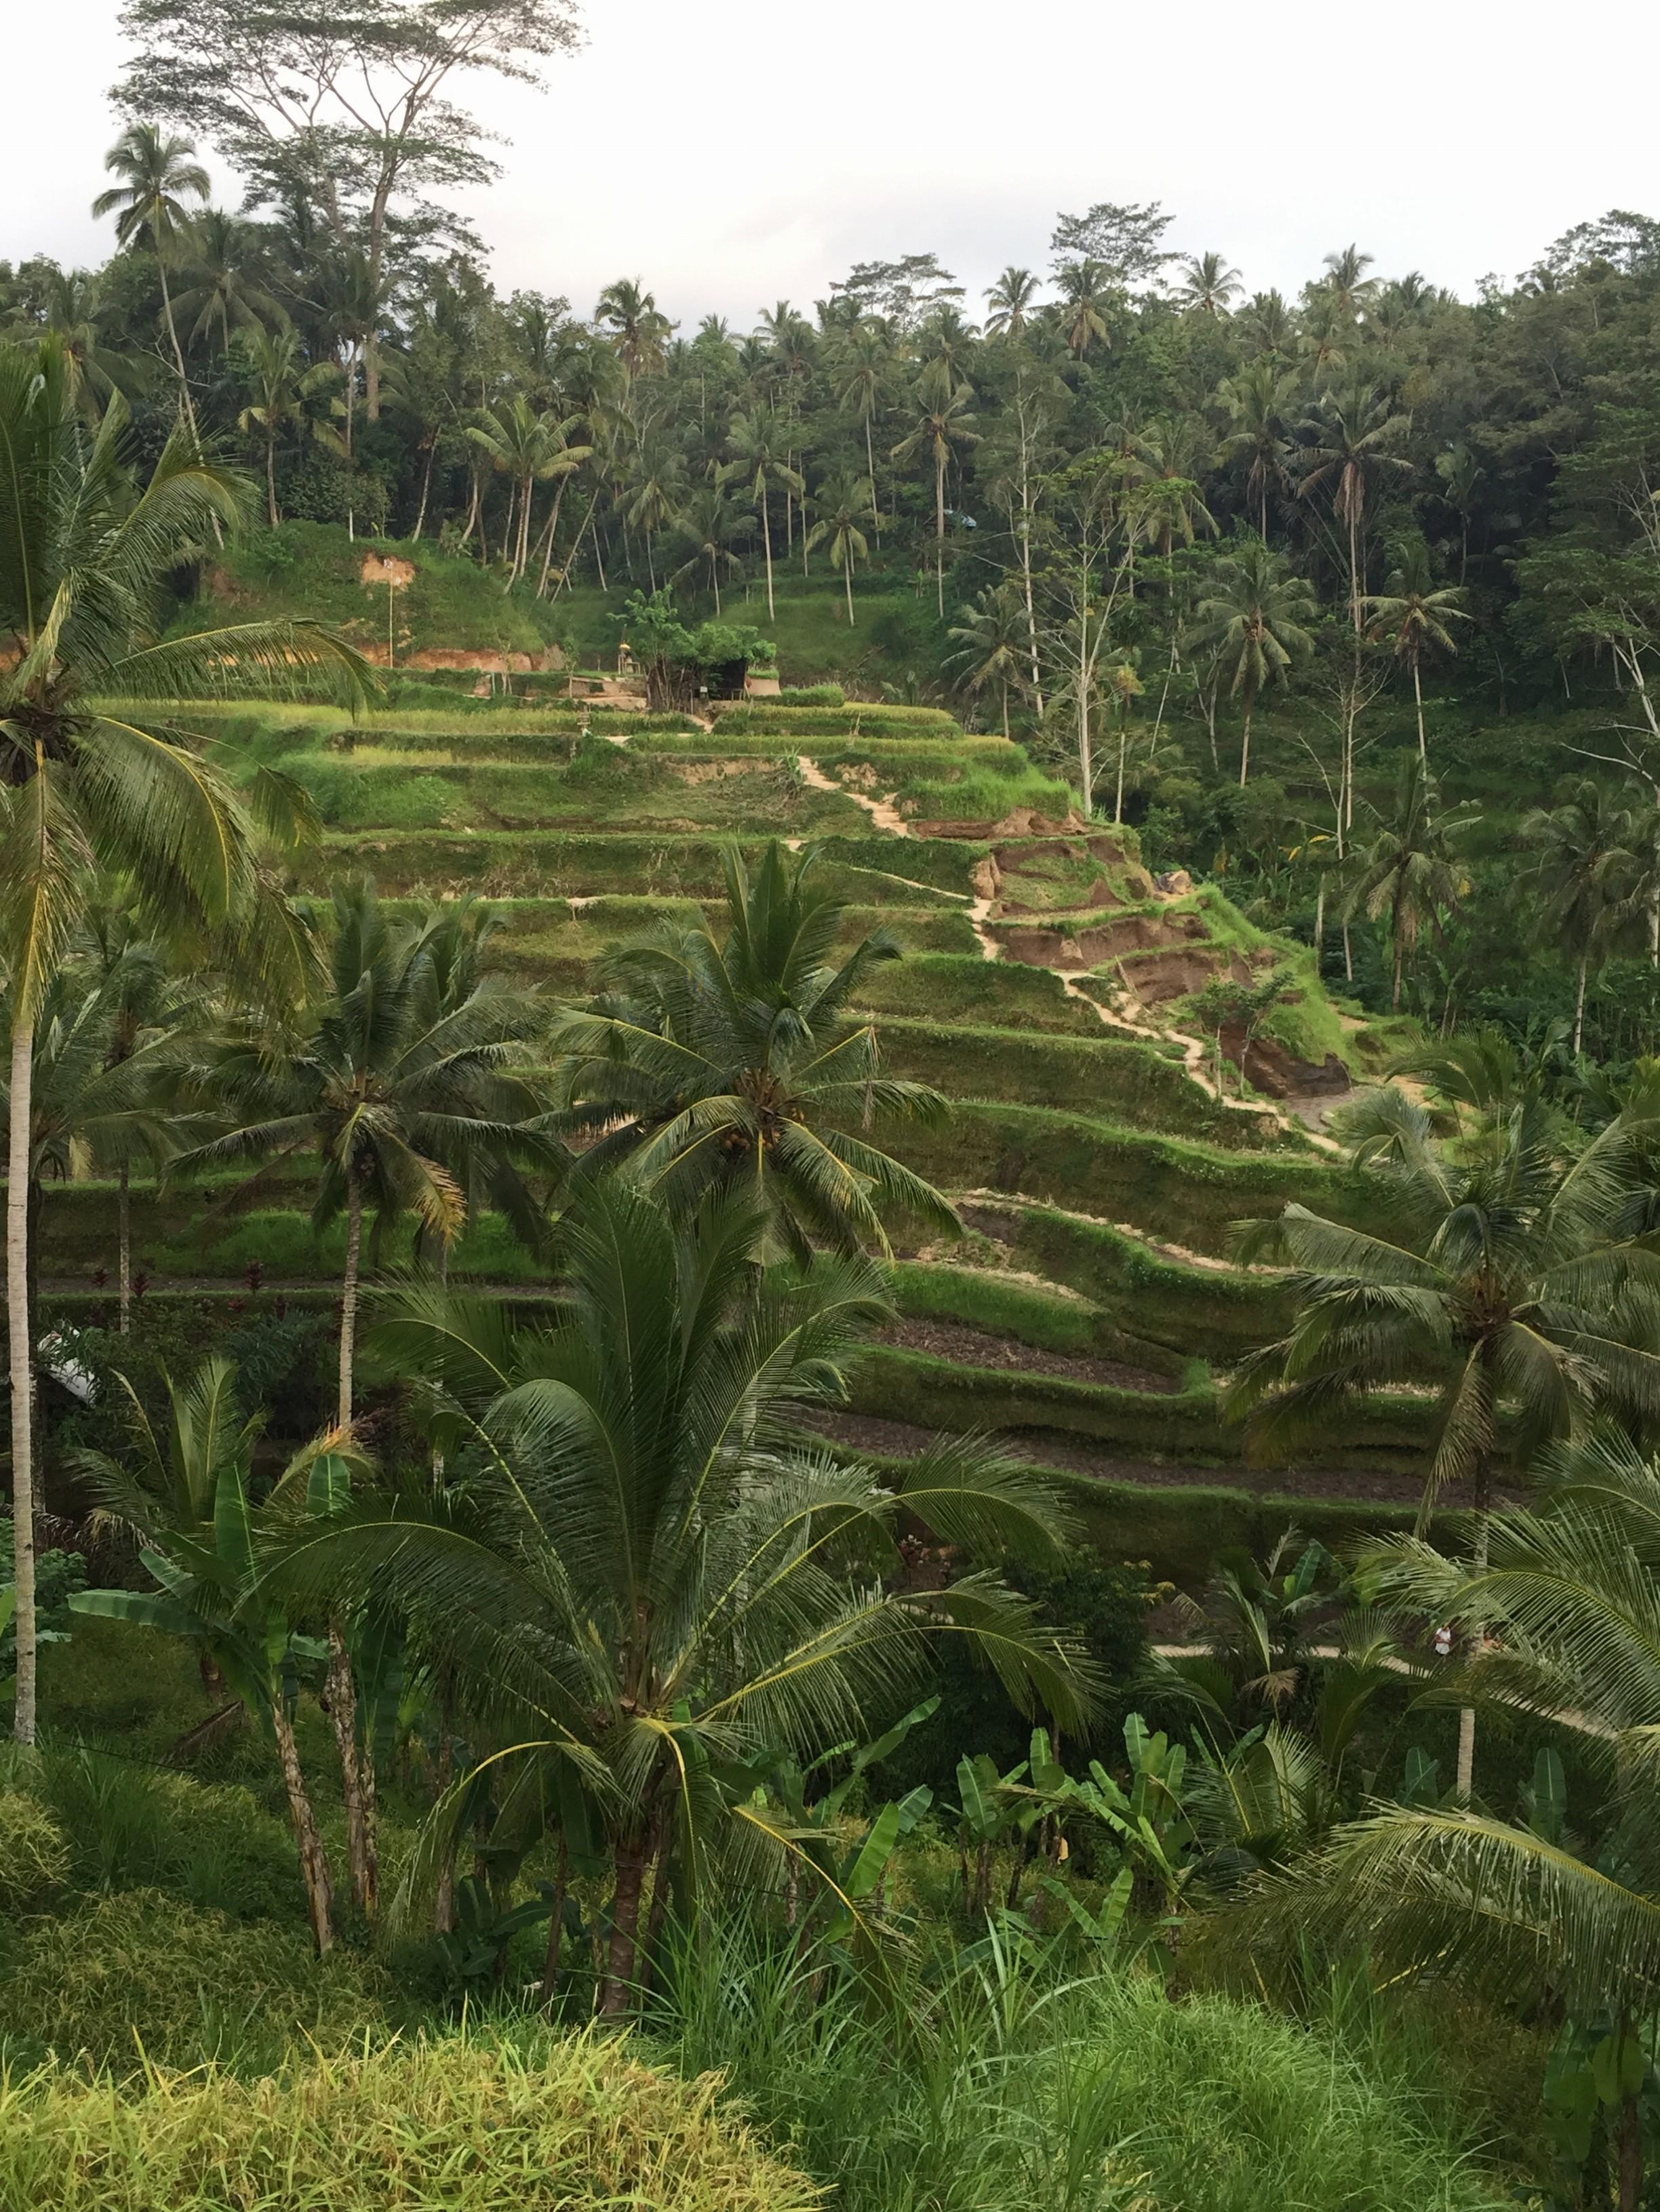 Campo de arroz Bali - Ubud